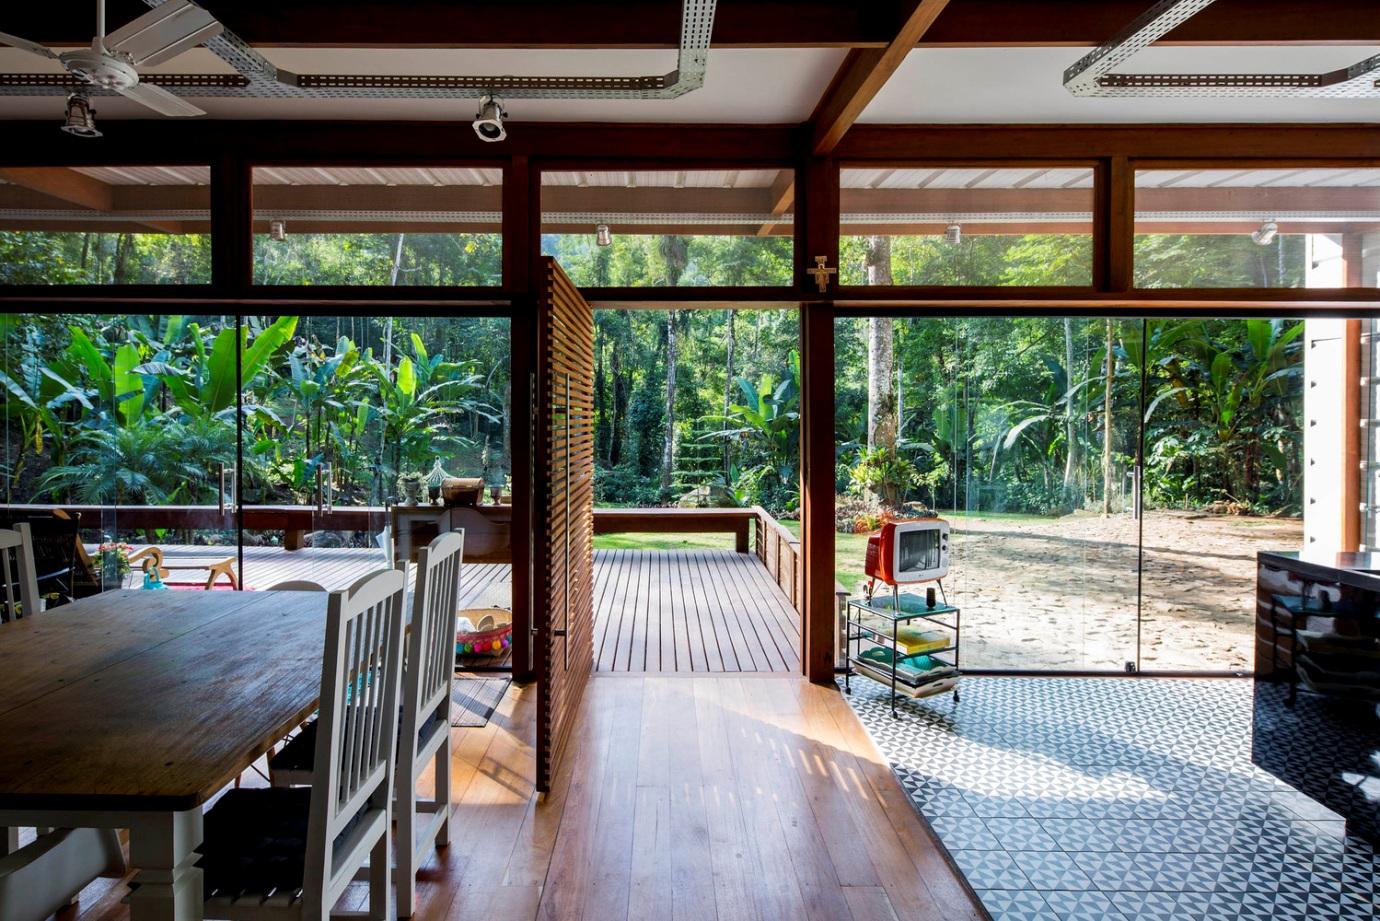 خانه دکوراسیون داخلی ویلا دیزاین اتاق خواب تراس آشپزخانه